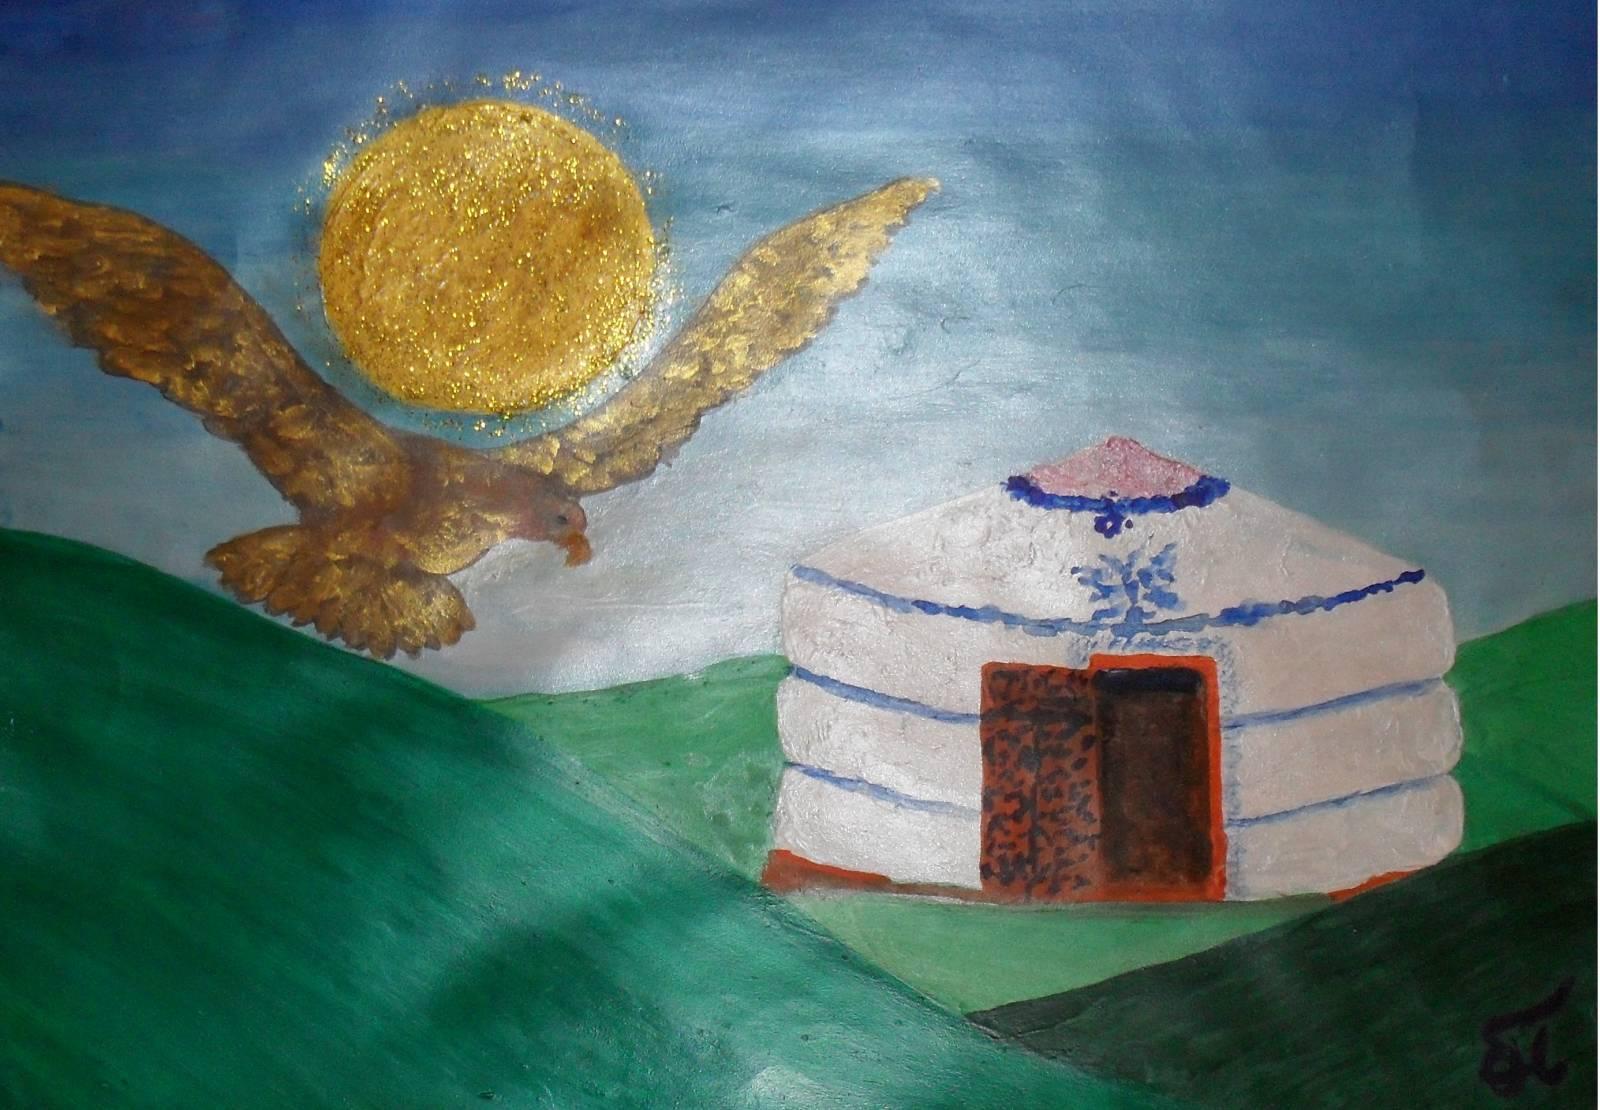 Поделки своими руками на день независимости казахстана 16